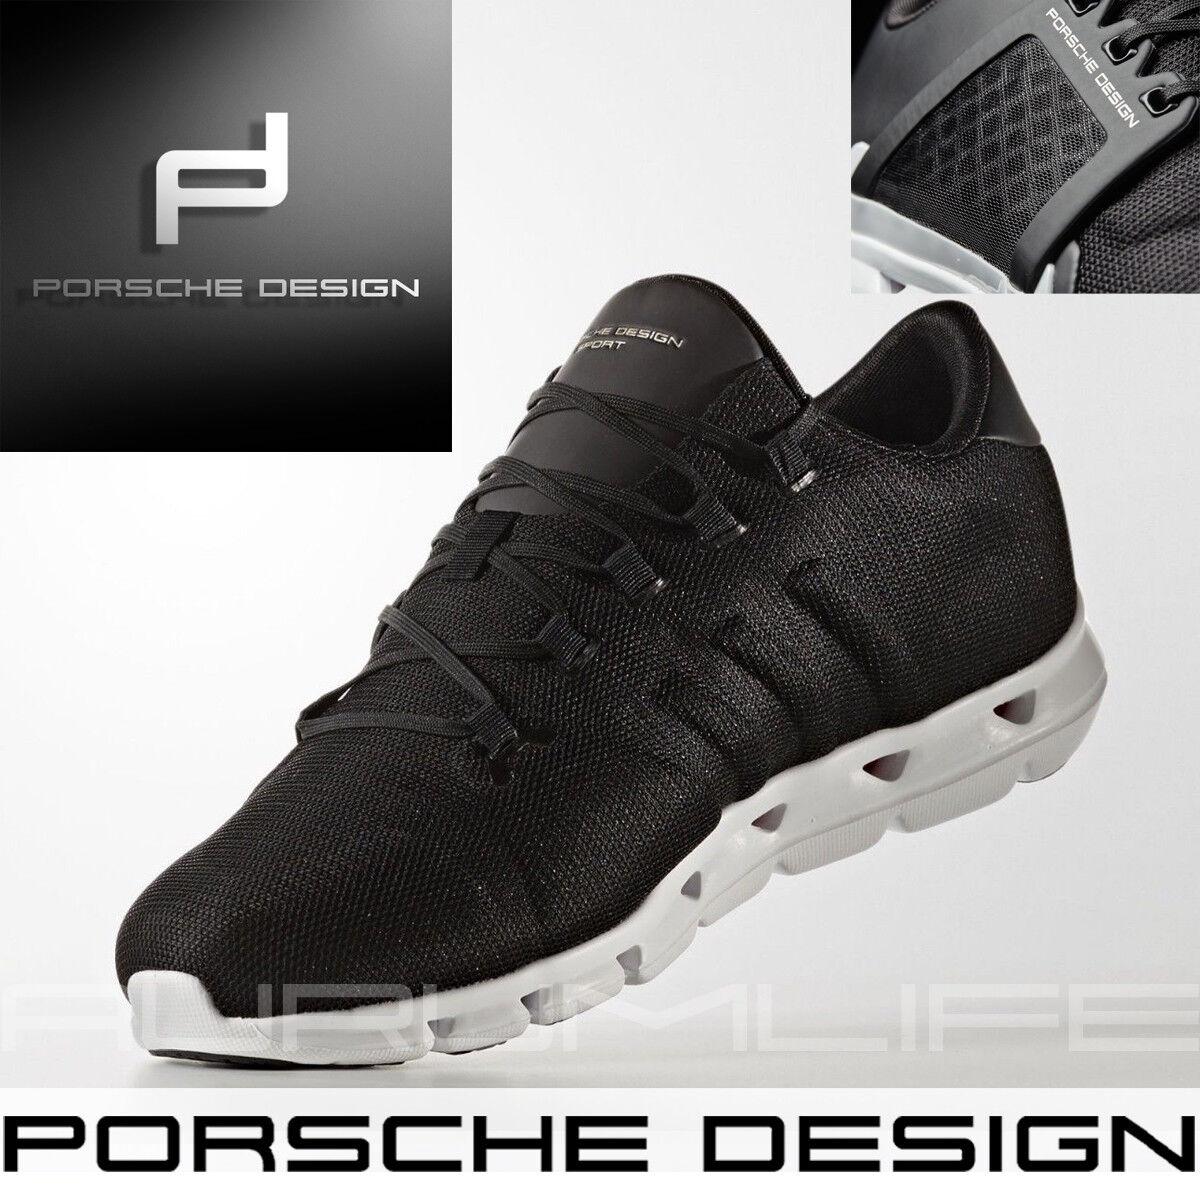 ADIDAS Porsche Design Sport Easy Trainer Drive Athletic scarpe Bounce Da Uomo BB5527